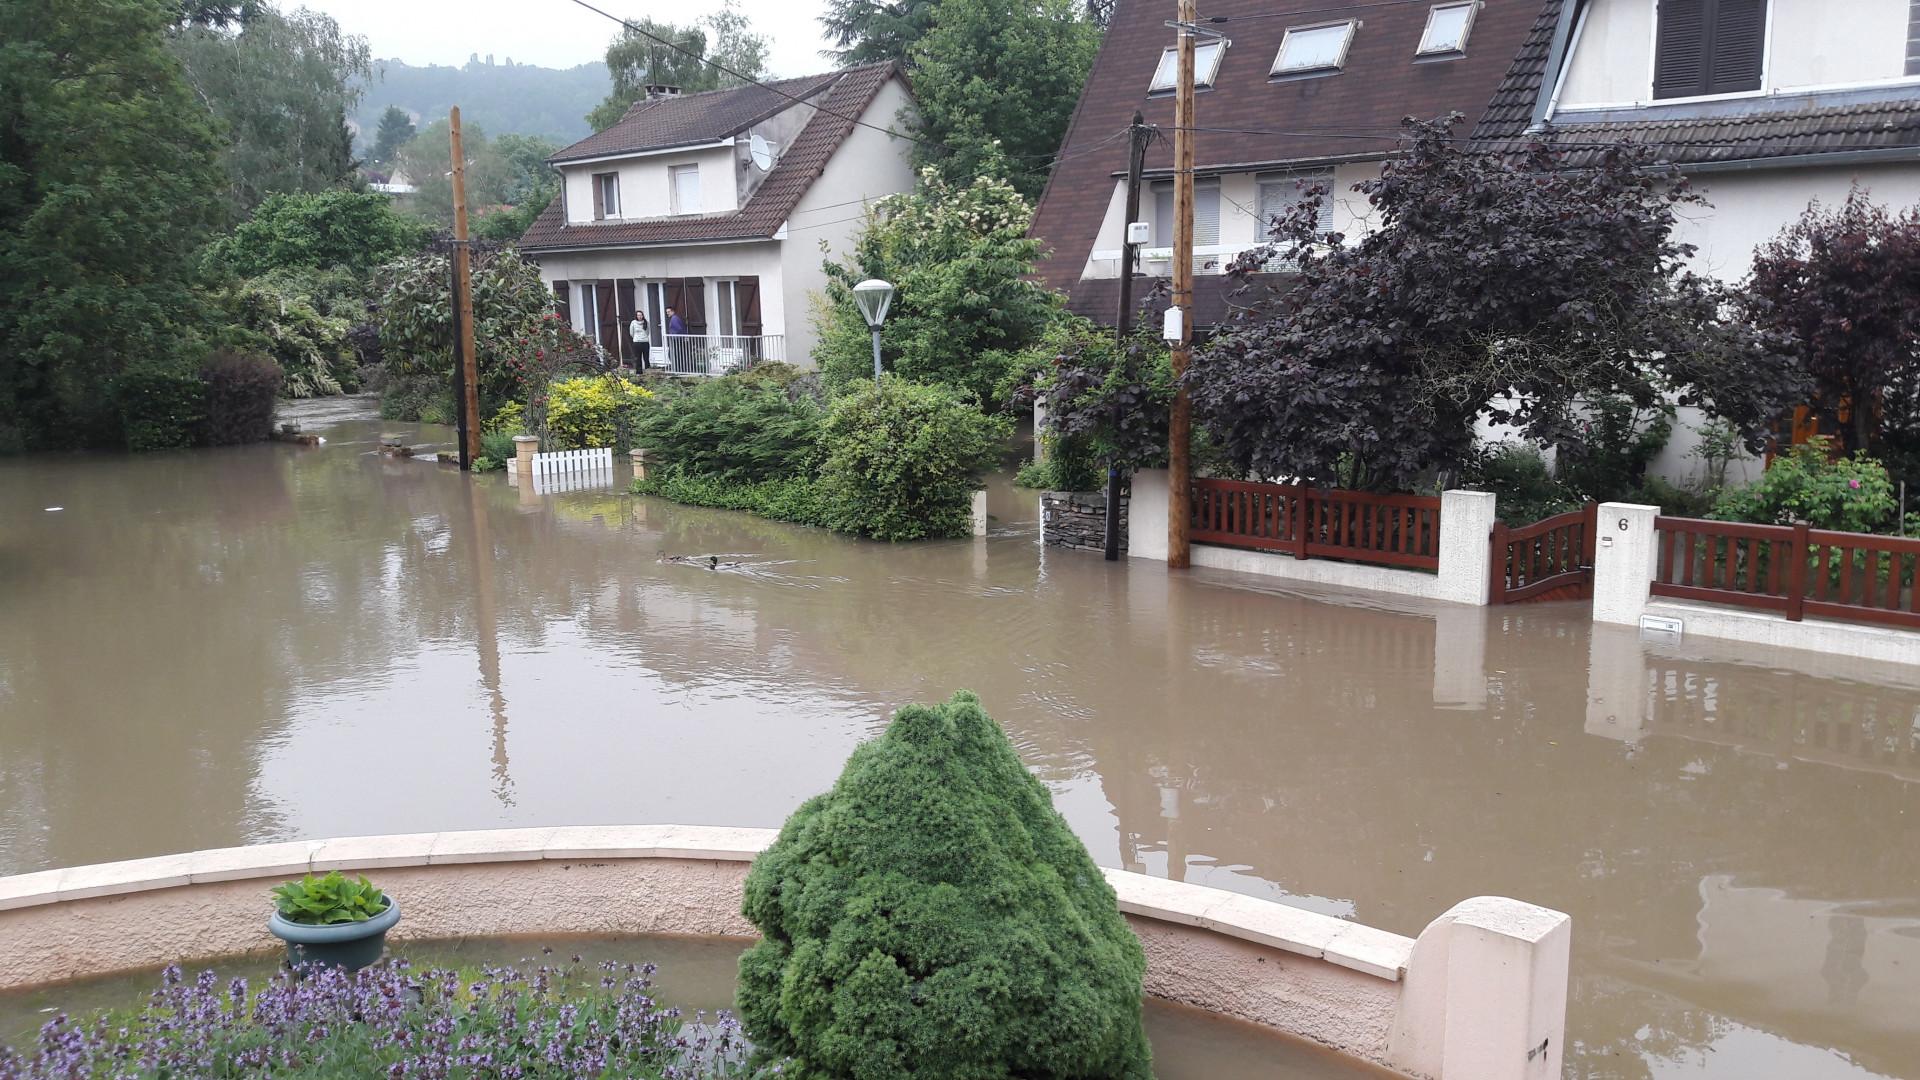 La crue de l'Yvette à Villebon-sur-Yvette (Essonne)